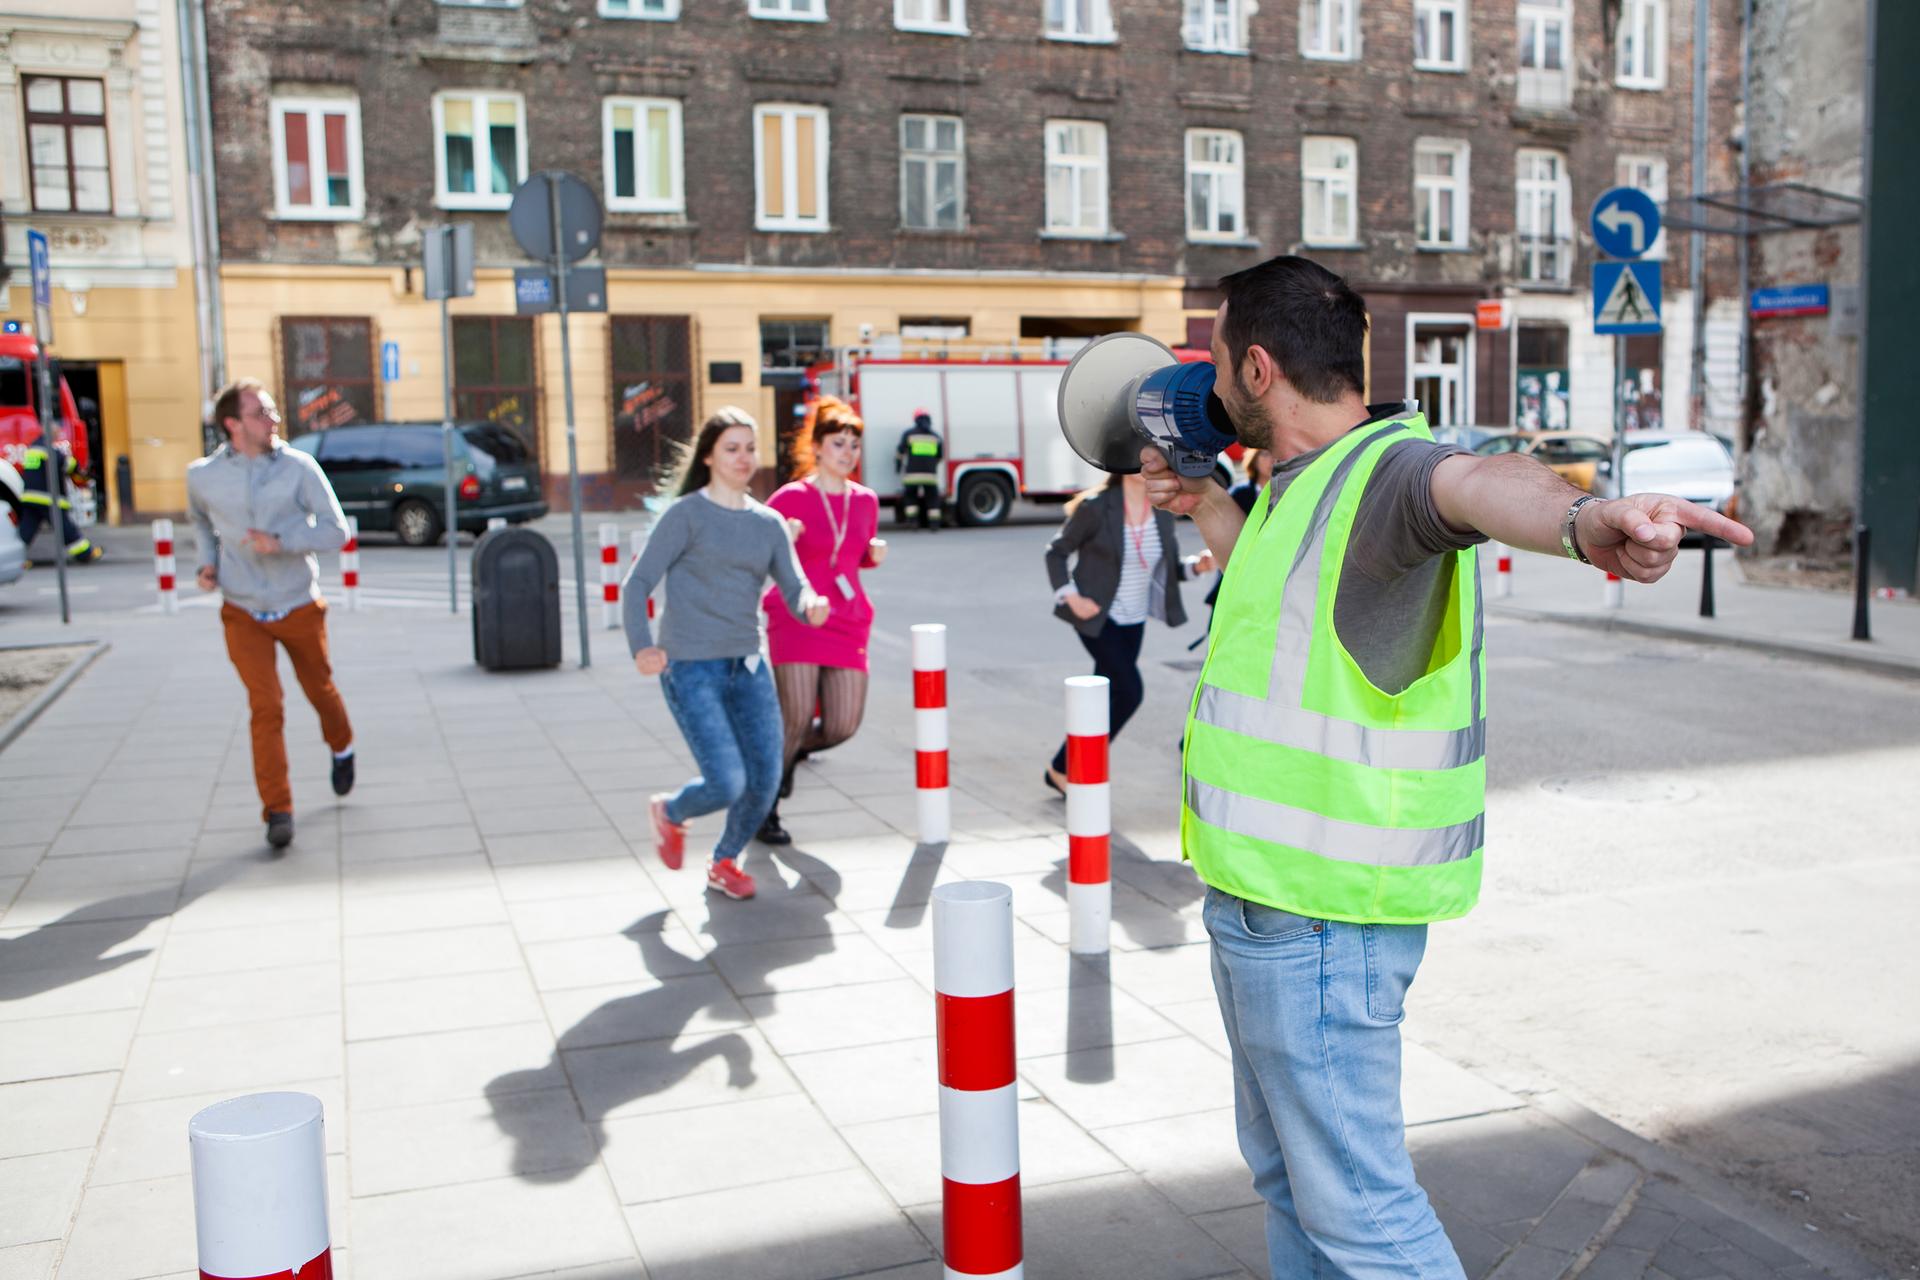 Zdjęcie przedstawiające kierownika ewakuacji wraz zmegafonem, który instruuje ludzi gdzie mają się ewakuować. Grupa młodych ludzi biegnie wkierunku wskazywanym przez niego ręką. Wtle widać fragment ulicy ipas kamienic oraz stojący na jezdni wóz strażacki.